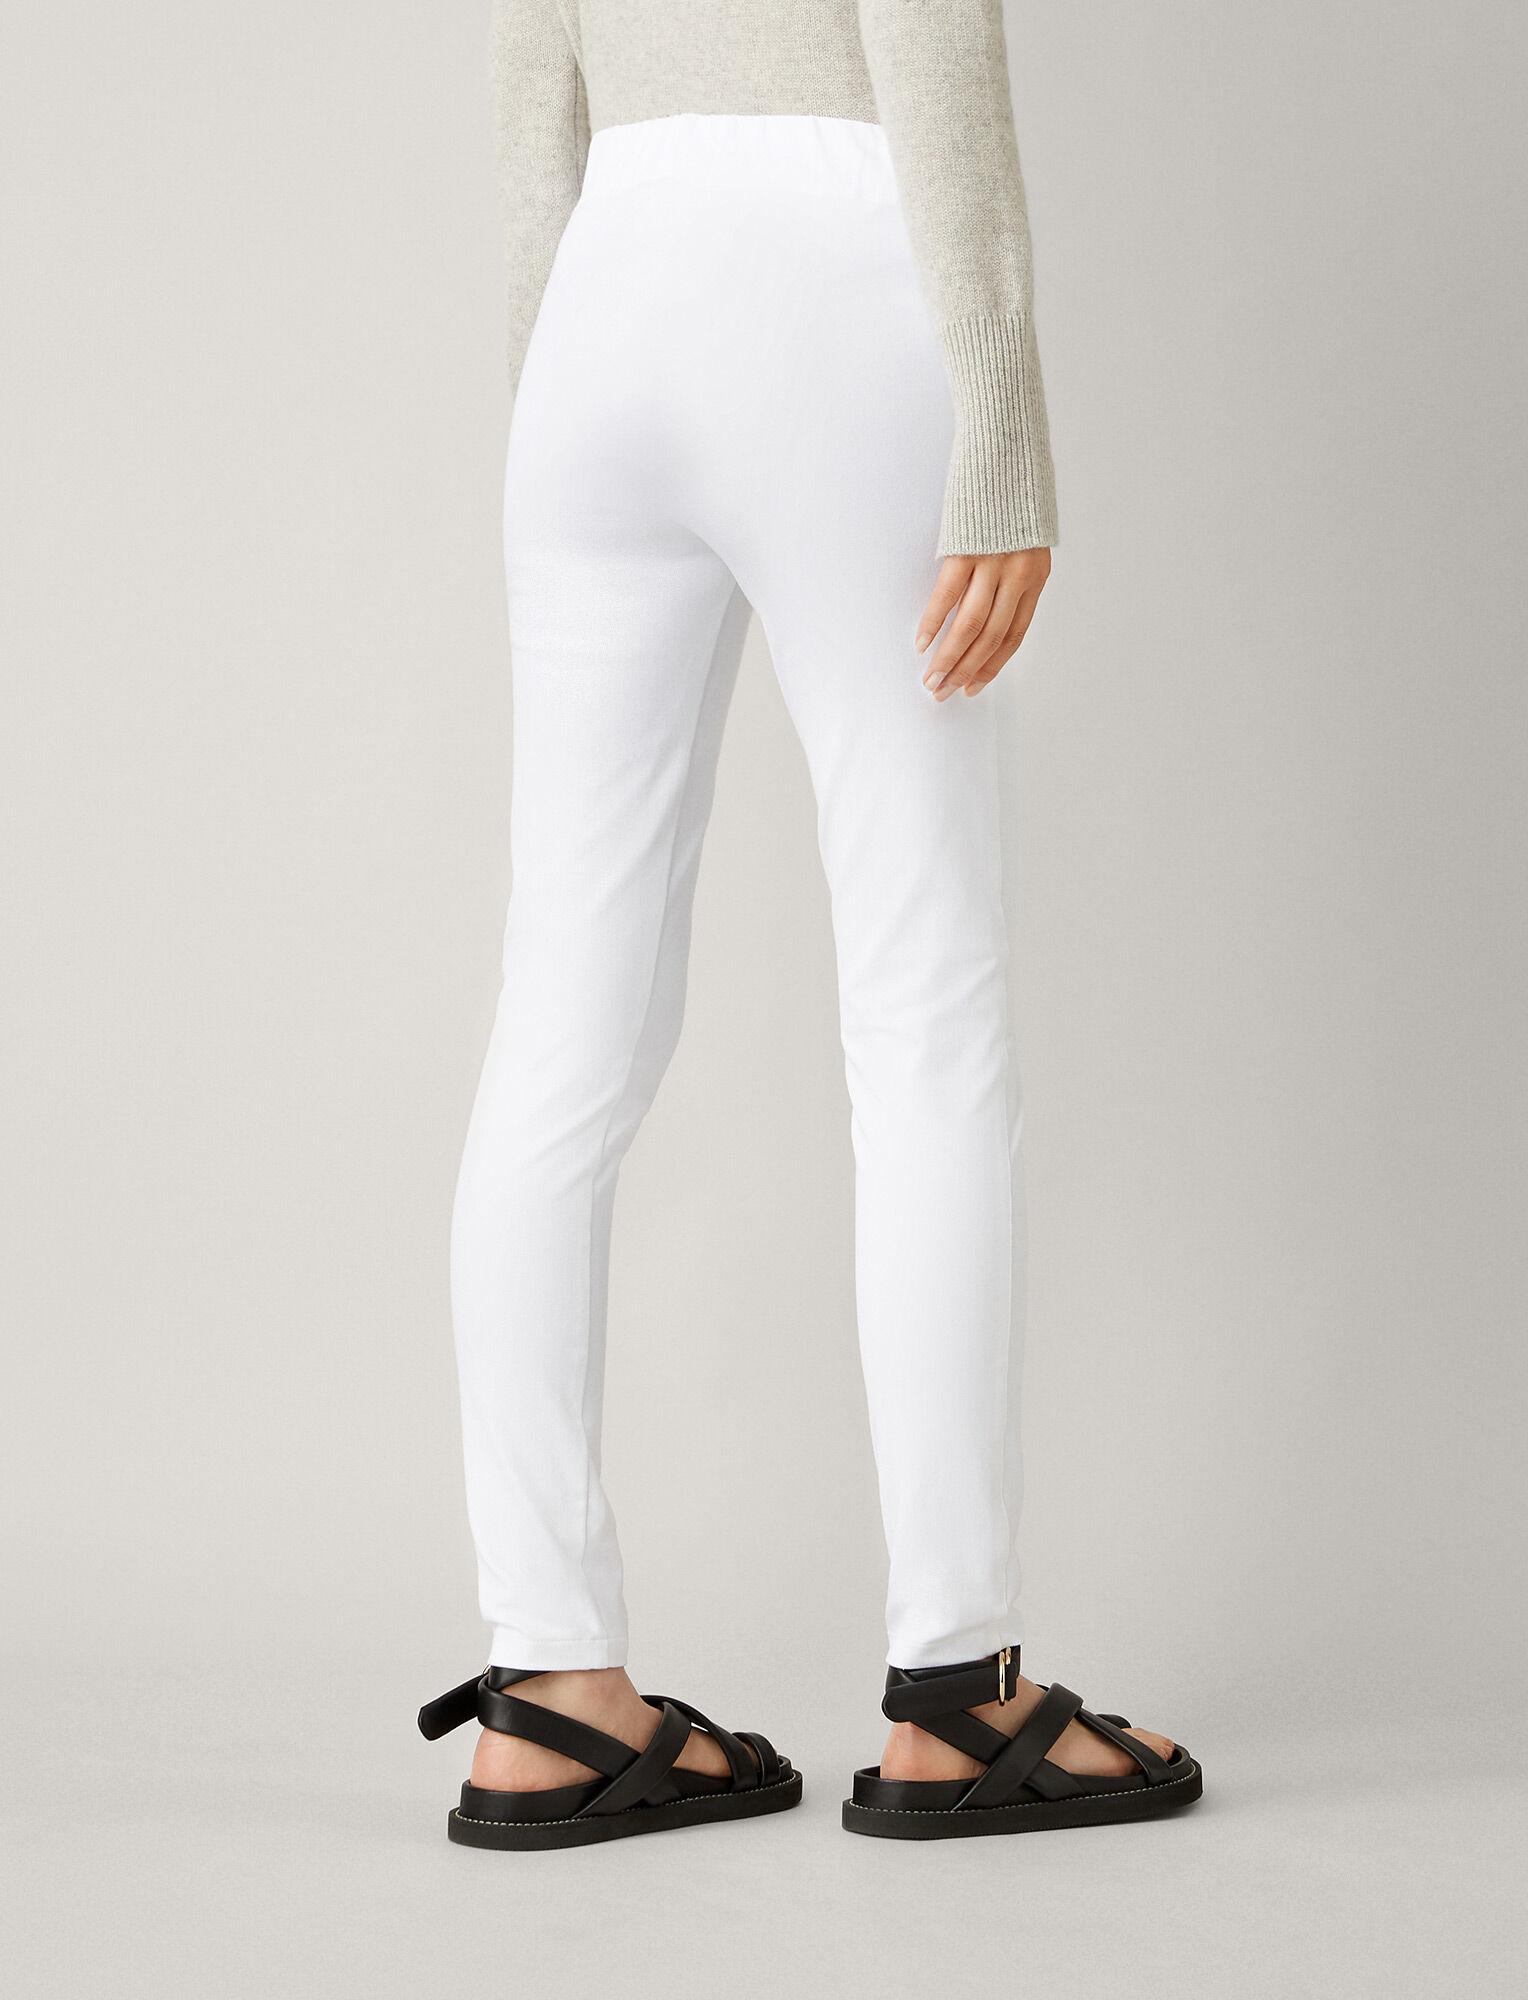 Joseph, Gabardine Stretch Legging, in WHITE